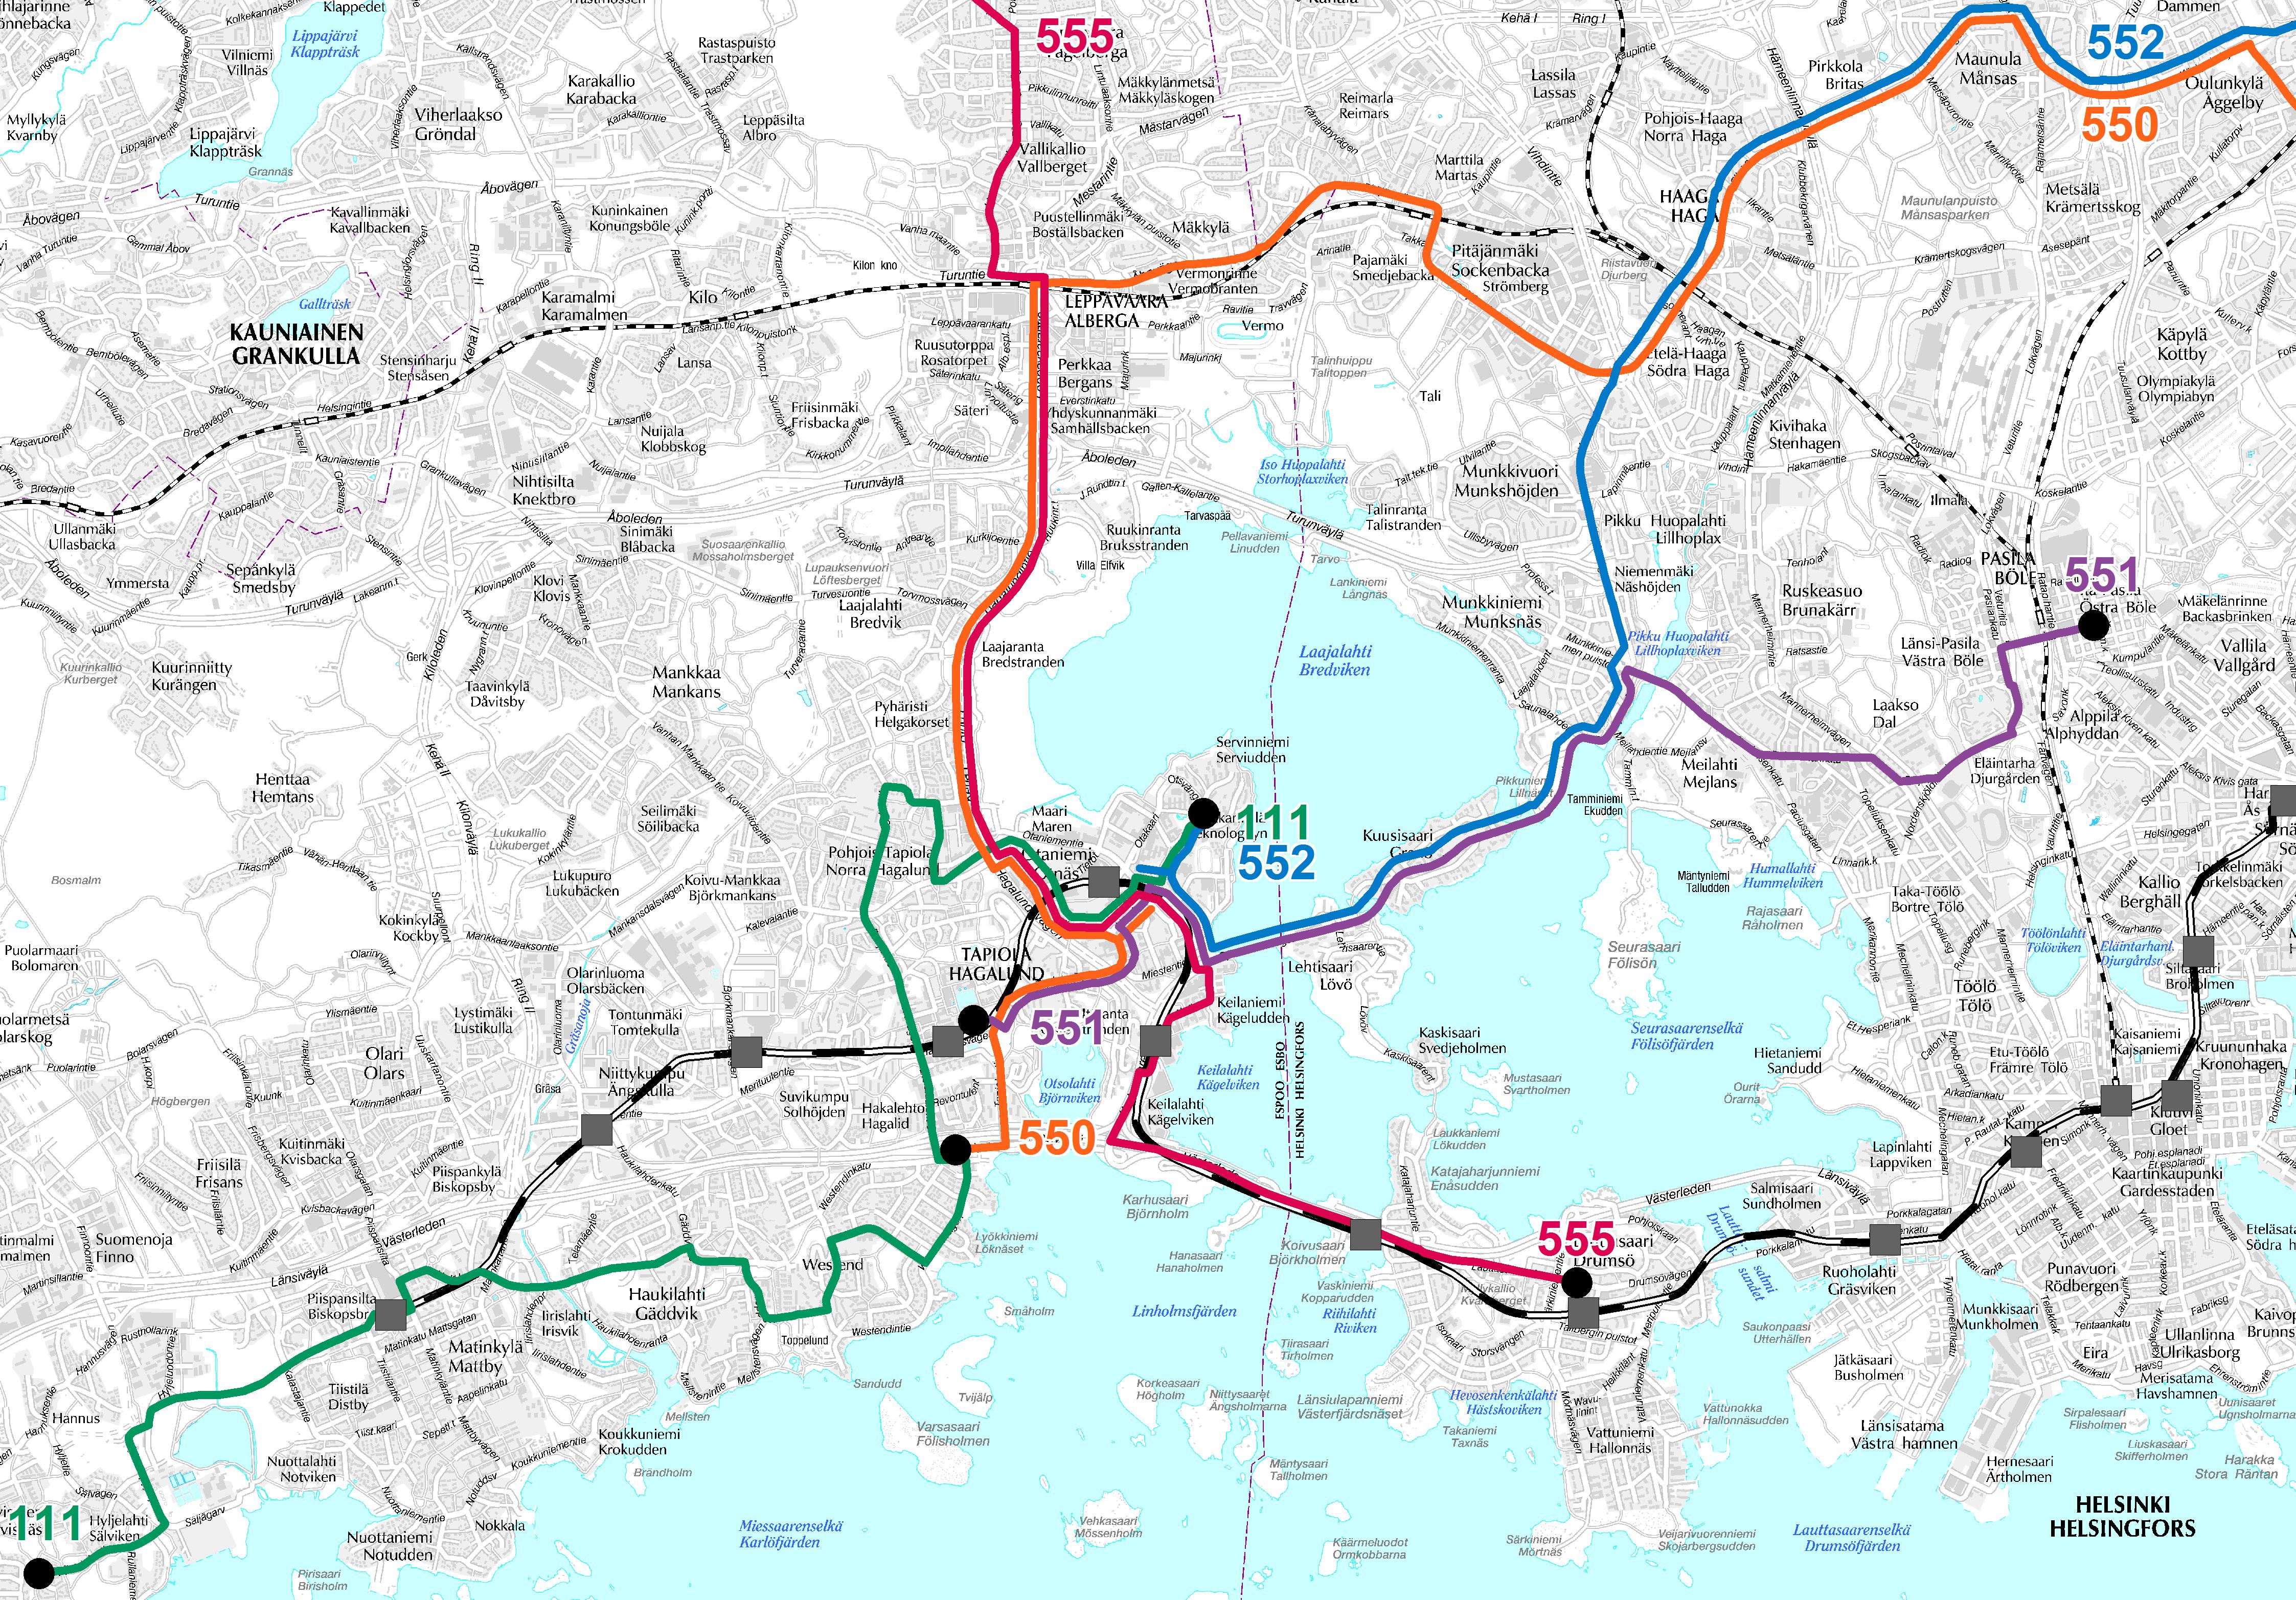 Otaniemen, Lehtisaaren ja Kuusisaaren bussilinjat metron liityntäliikenteessä